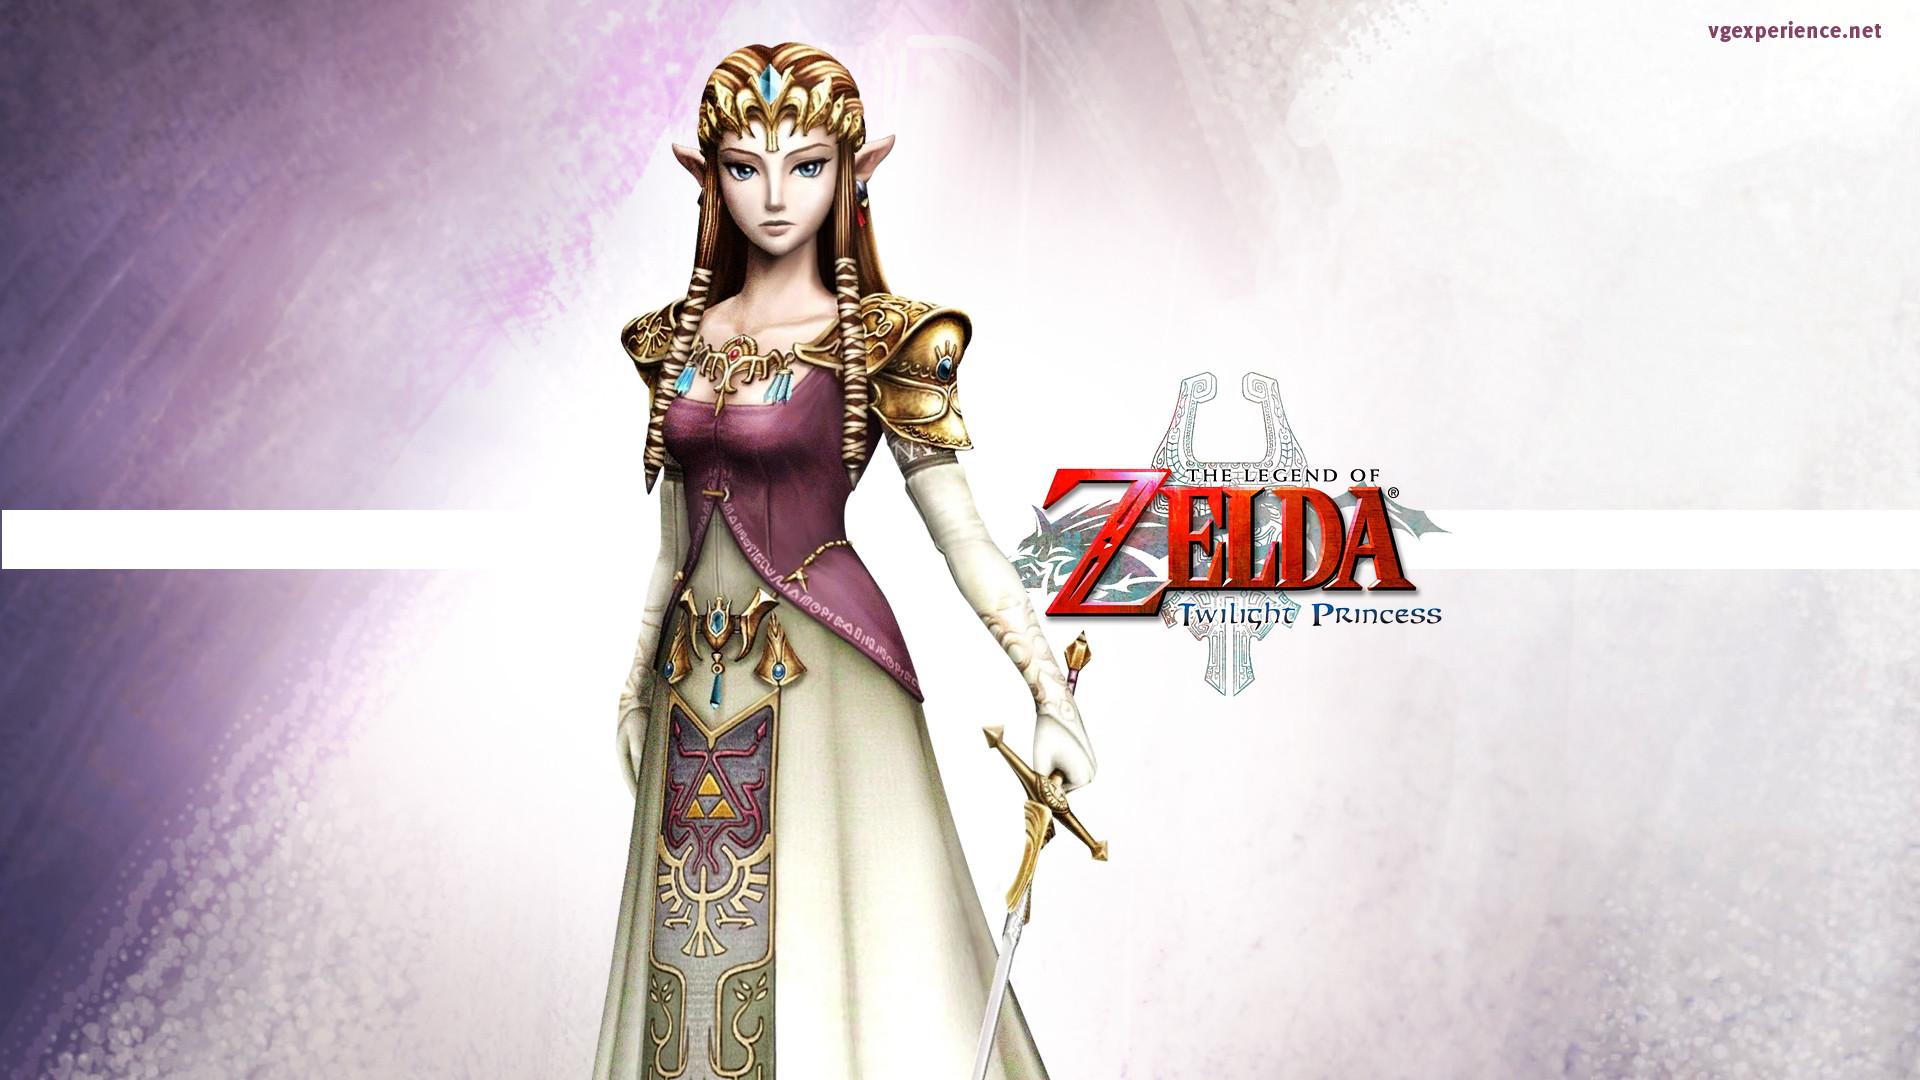 Zelda Wallpaper 1920x1080 HD (70+ images)